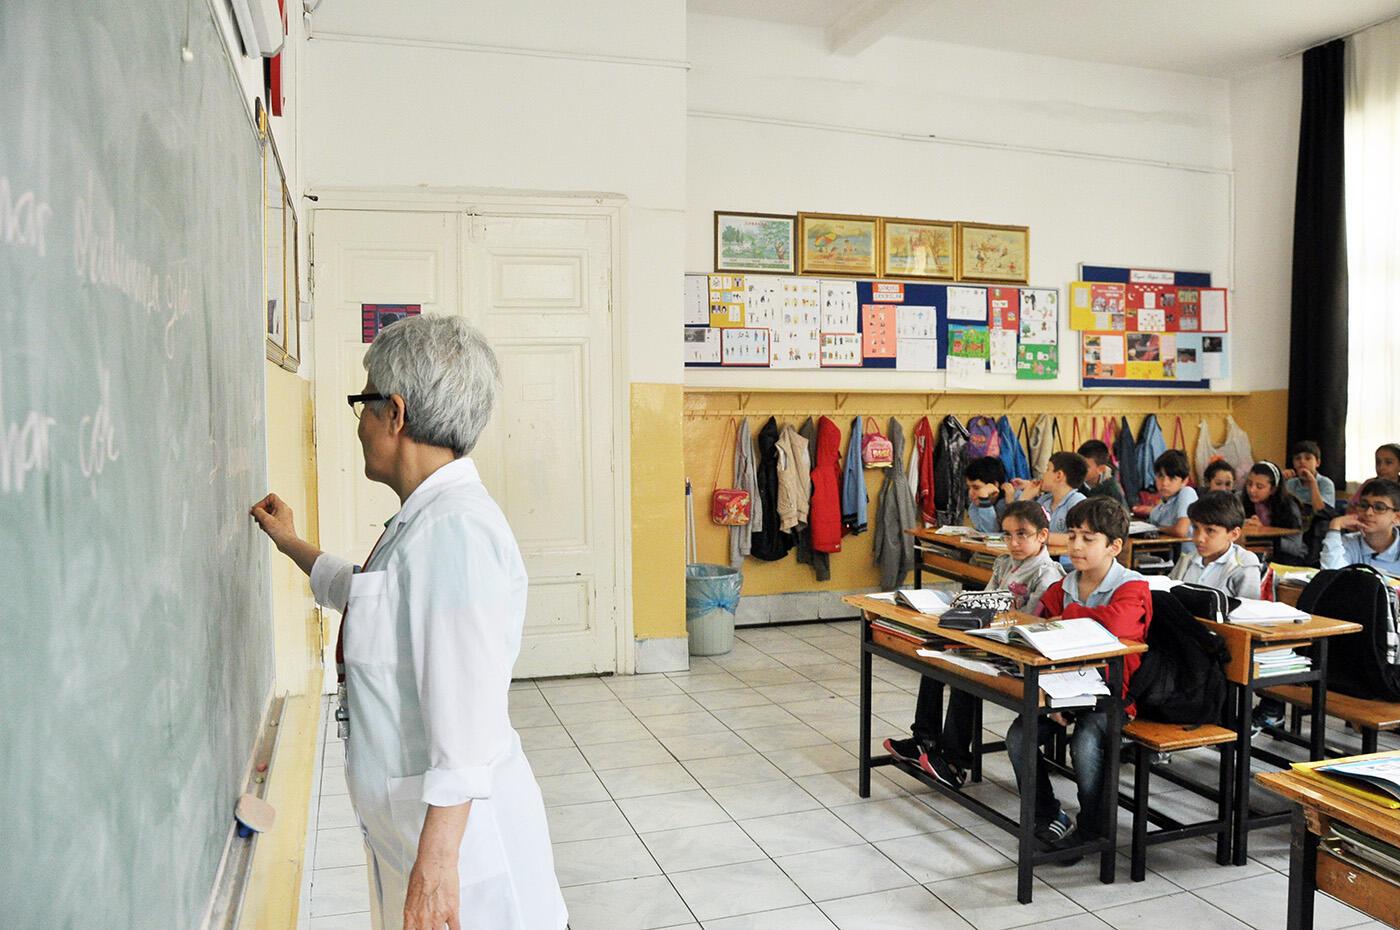 Mehmet Ceyhan: Okula giden öğrenciler, öğretmenler virüs taşıyan insanlar olacak